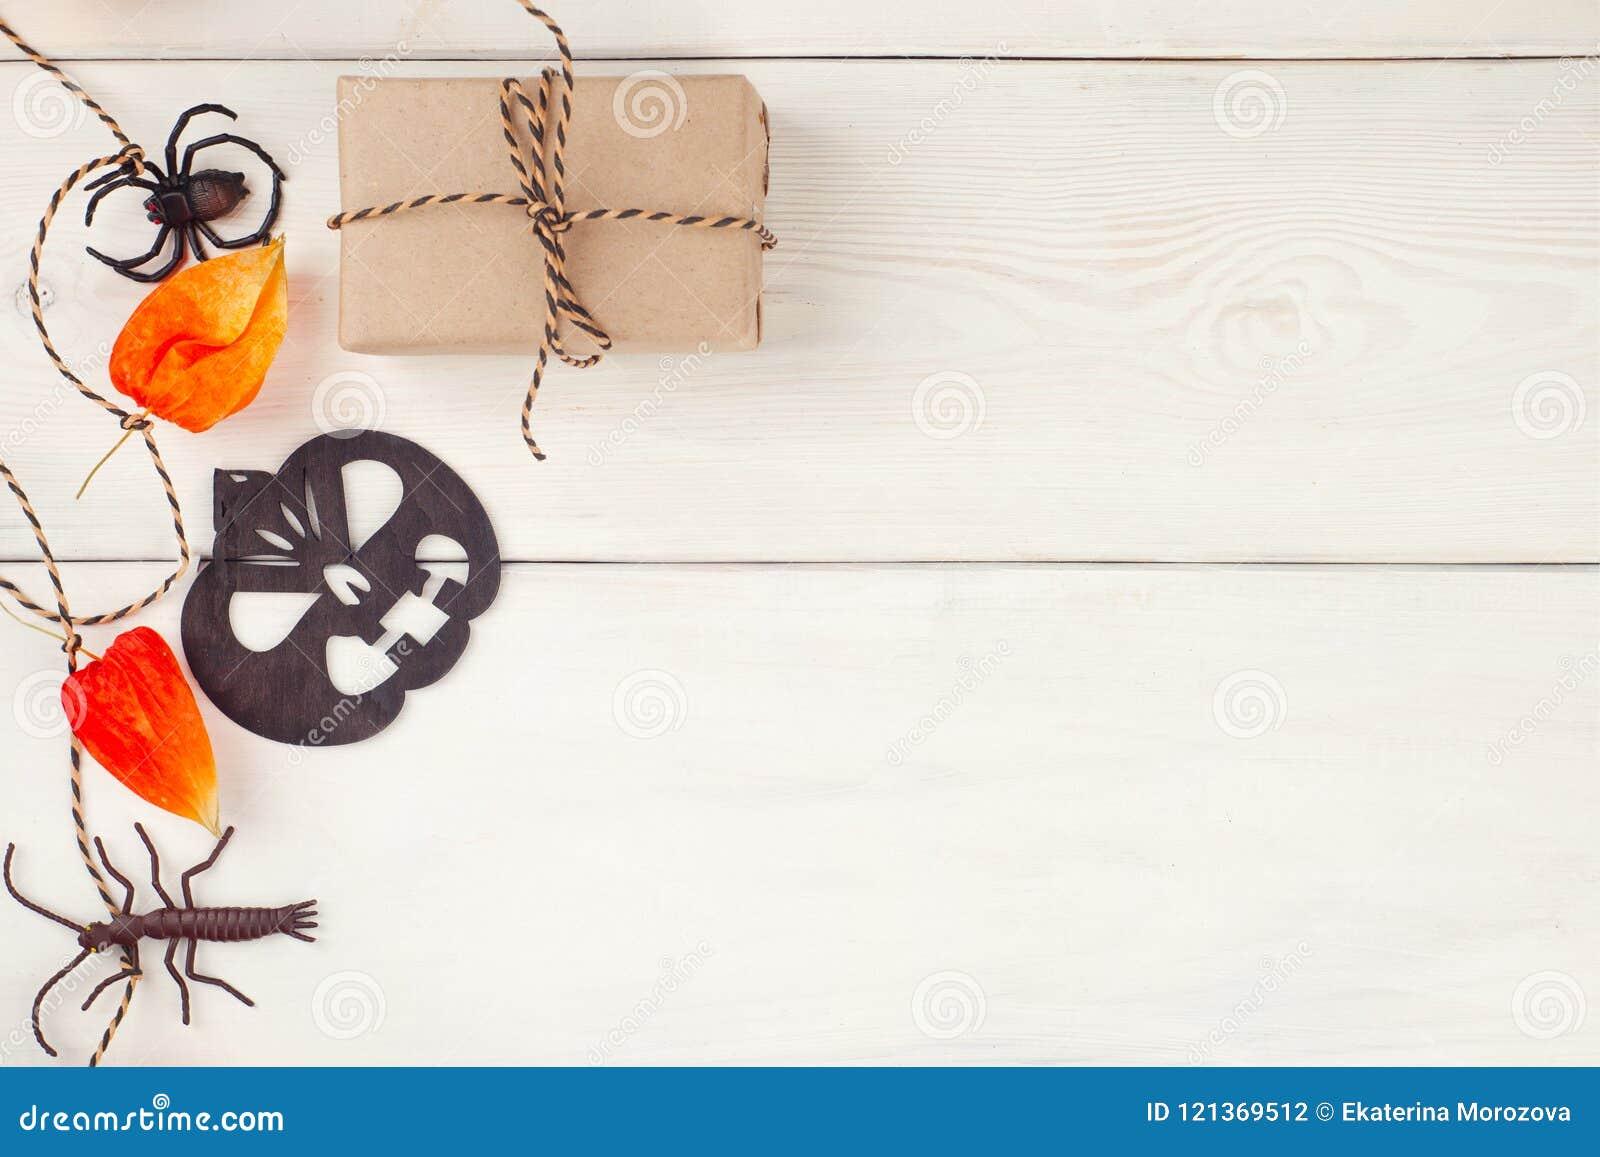 装饰万圣夜诗歌选和工艺goft箱子 万圣夜装饰 平的位置,顶视图时髦假日概念,提出